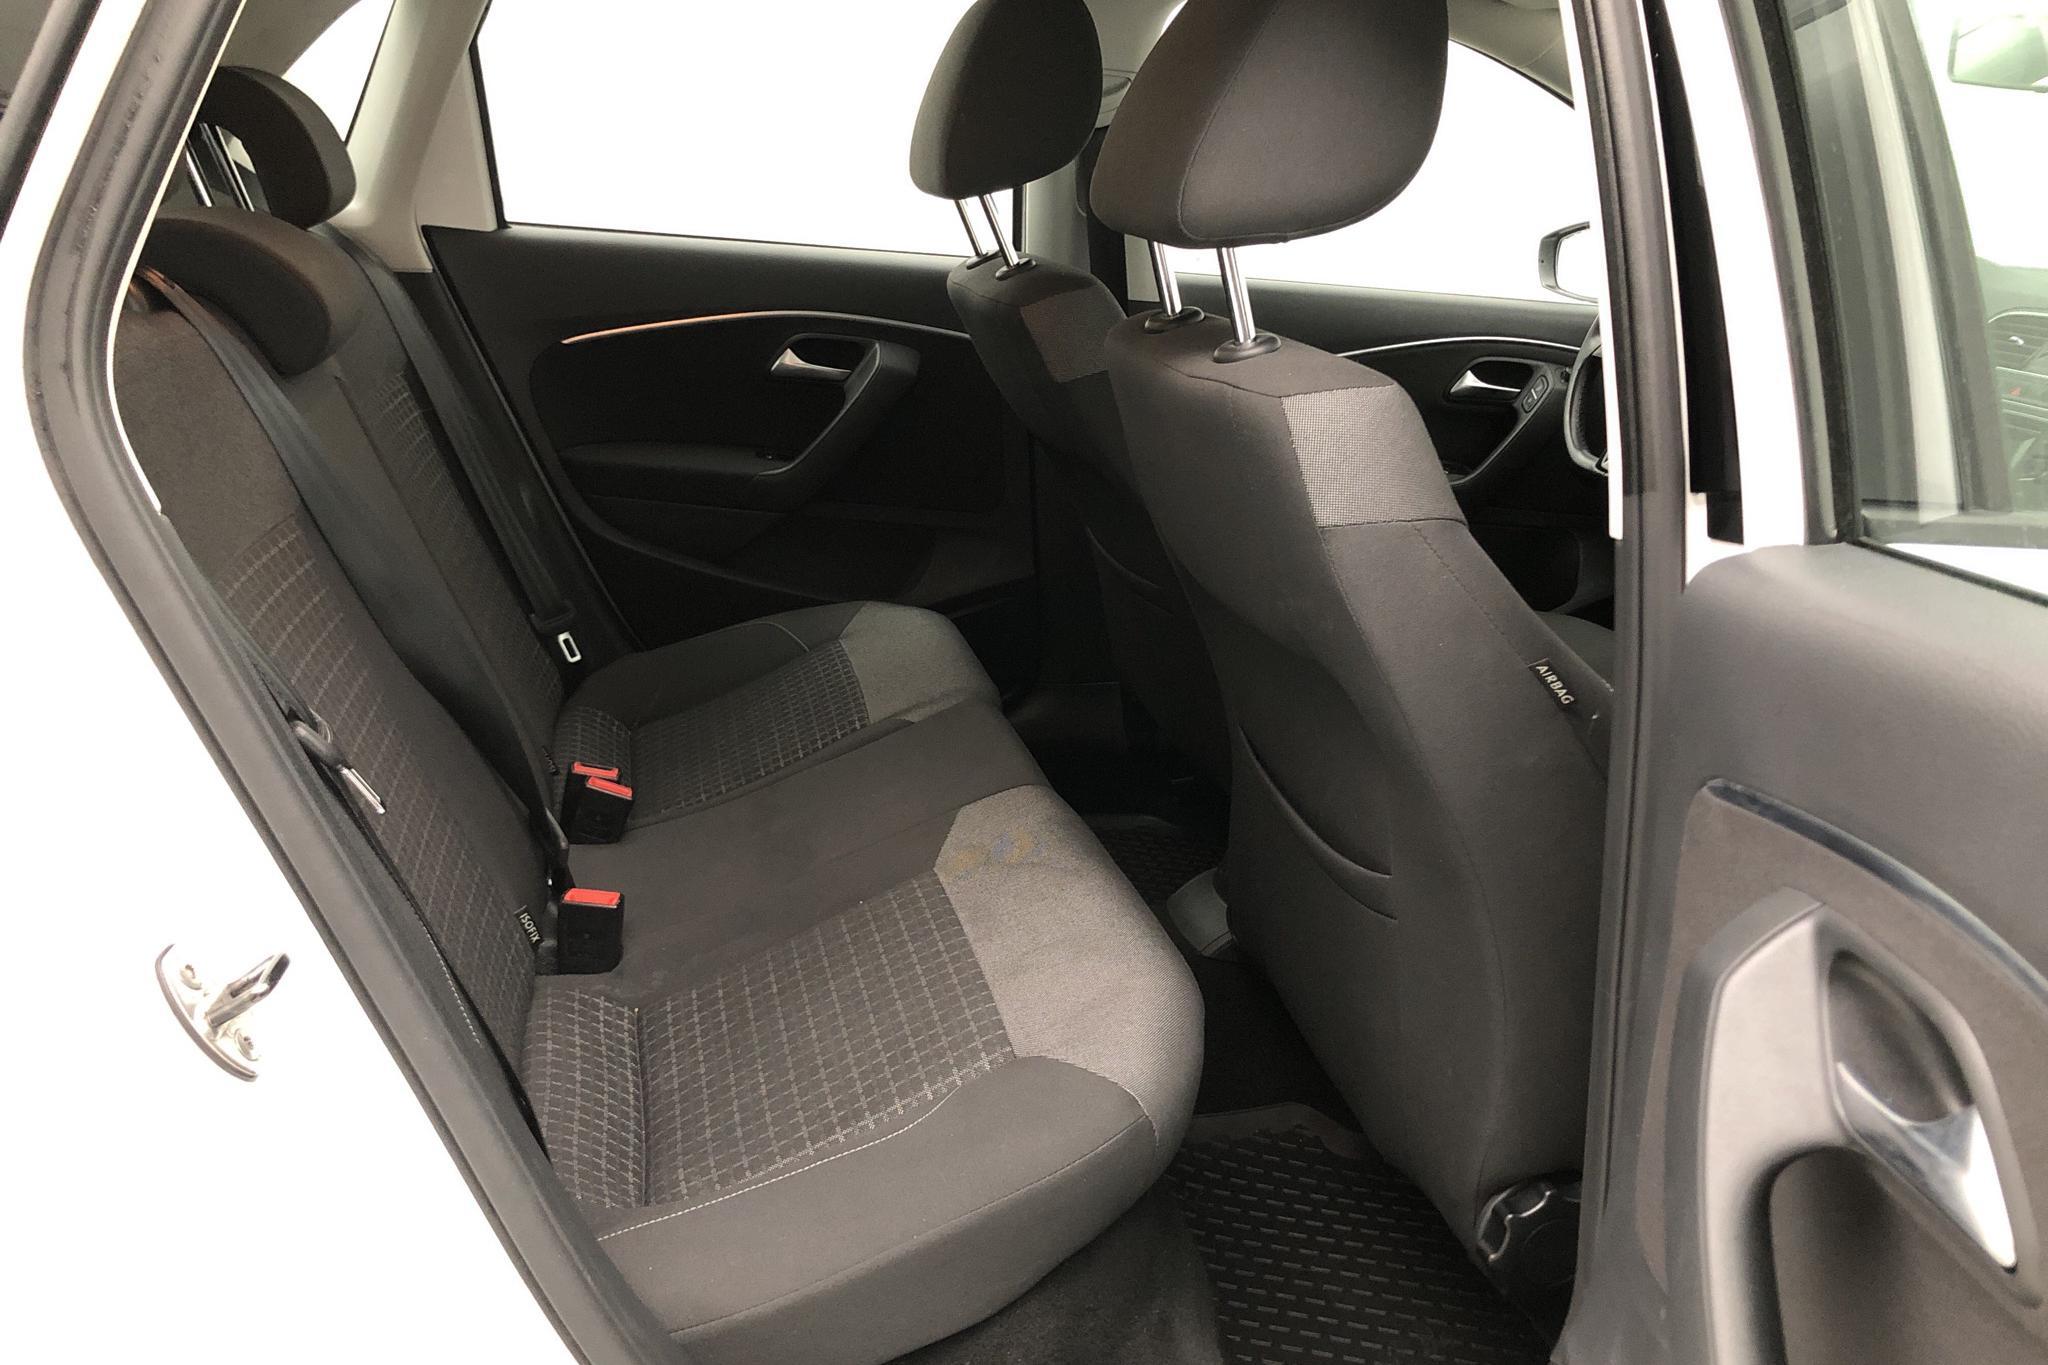 VW Polo 1.2 TSI 5dr (90hk) - 115 390 km - Manual - white - 2015